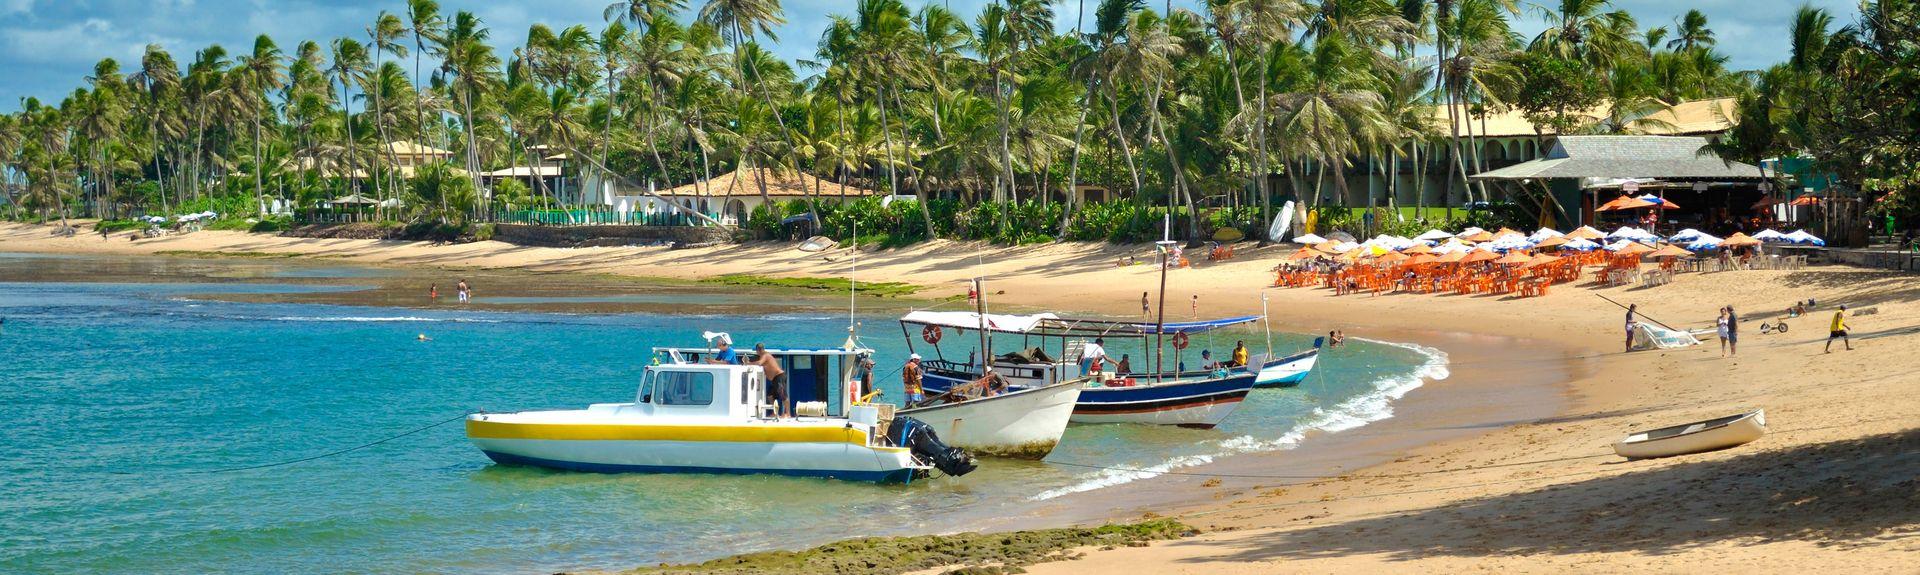 Praia do Forte, Mata de São João, Bahia, Brasil